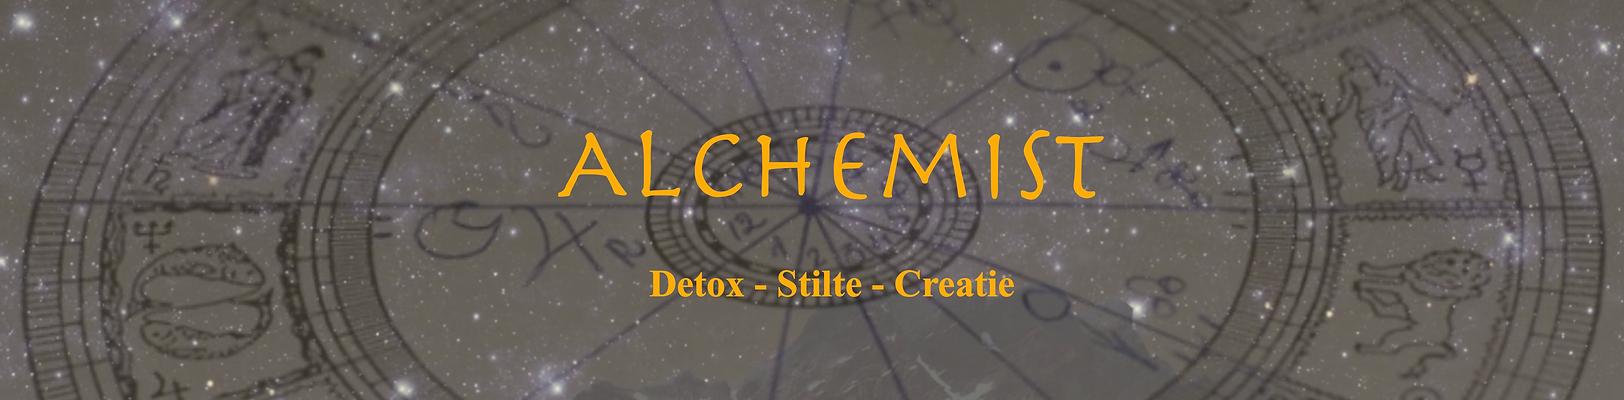 Alchemist foto.png